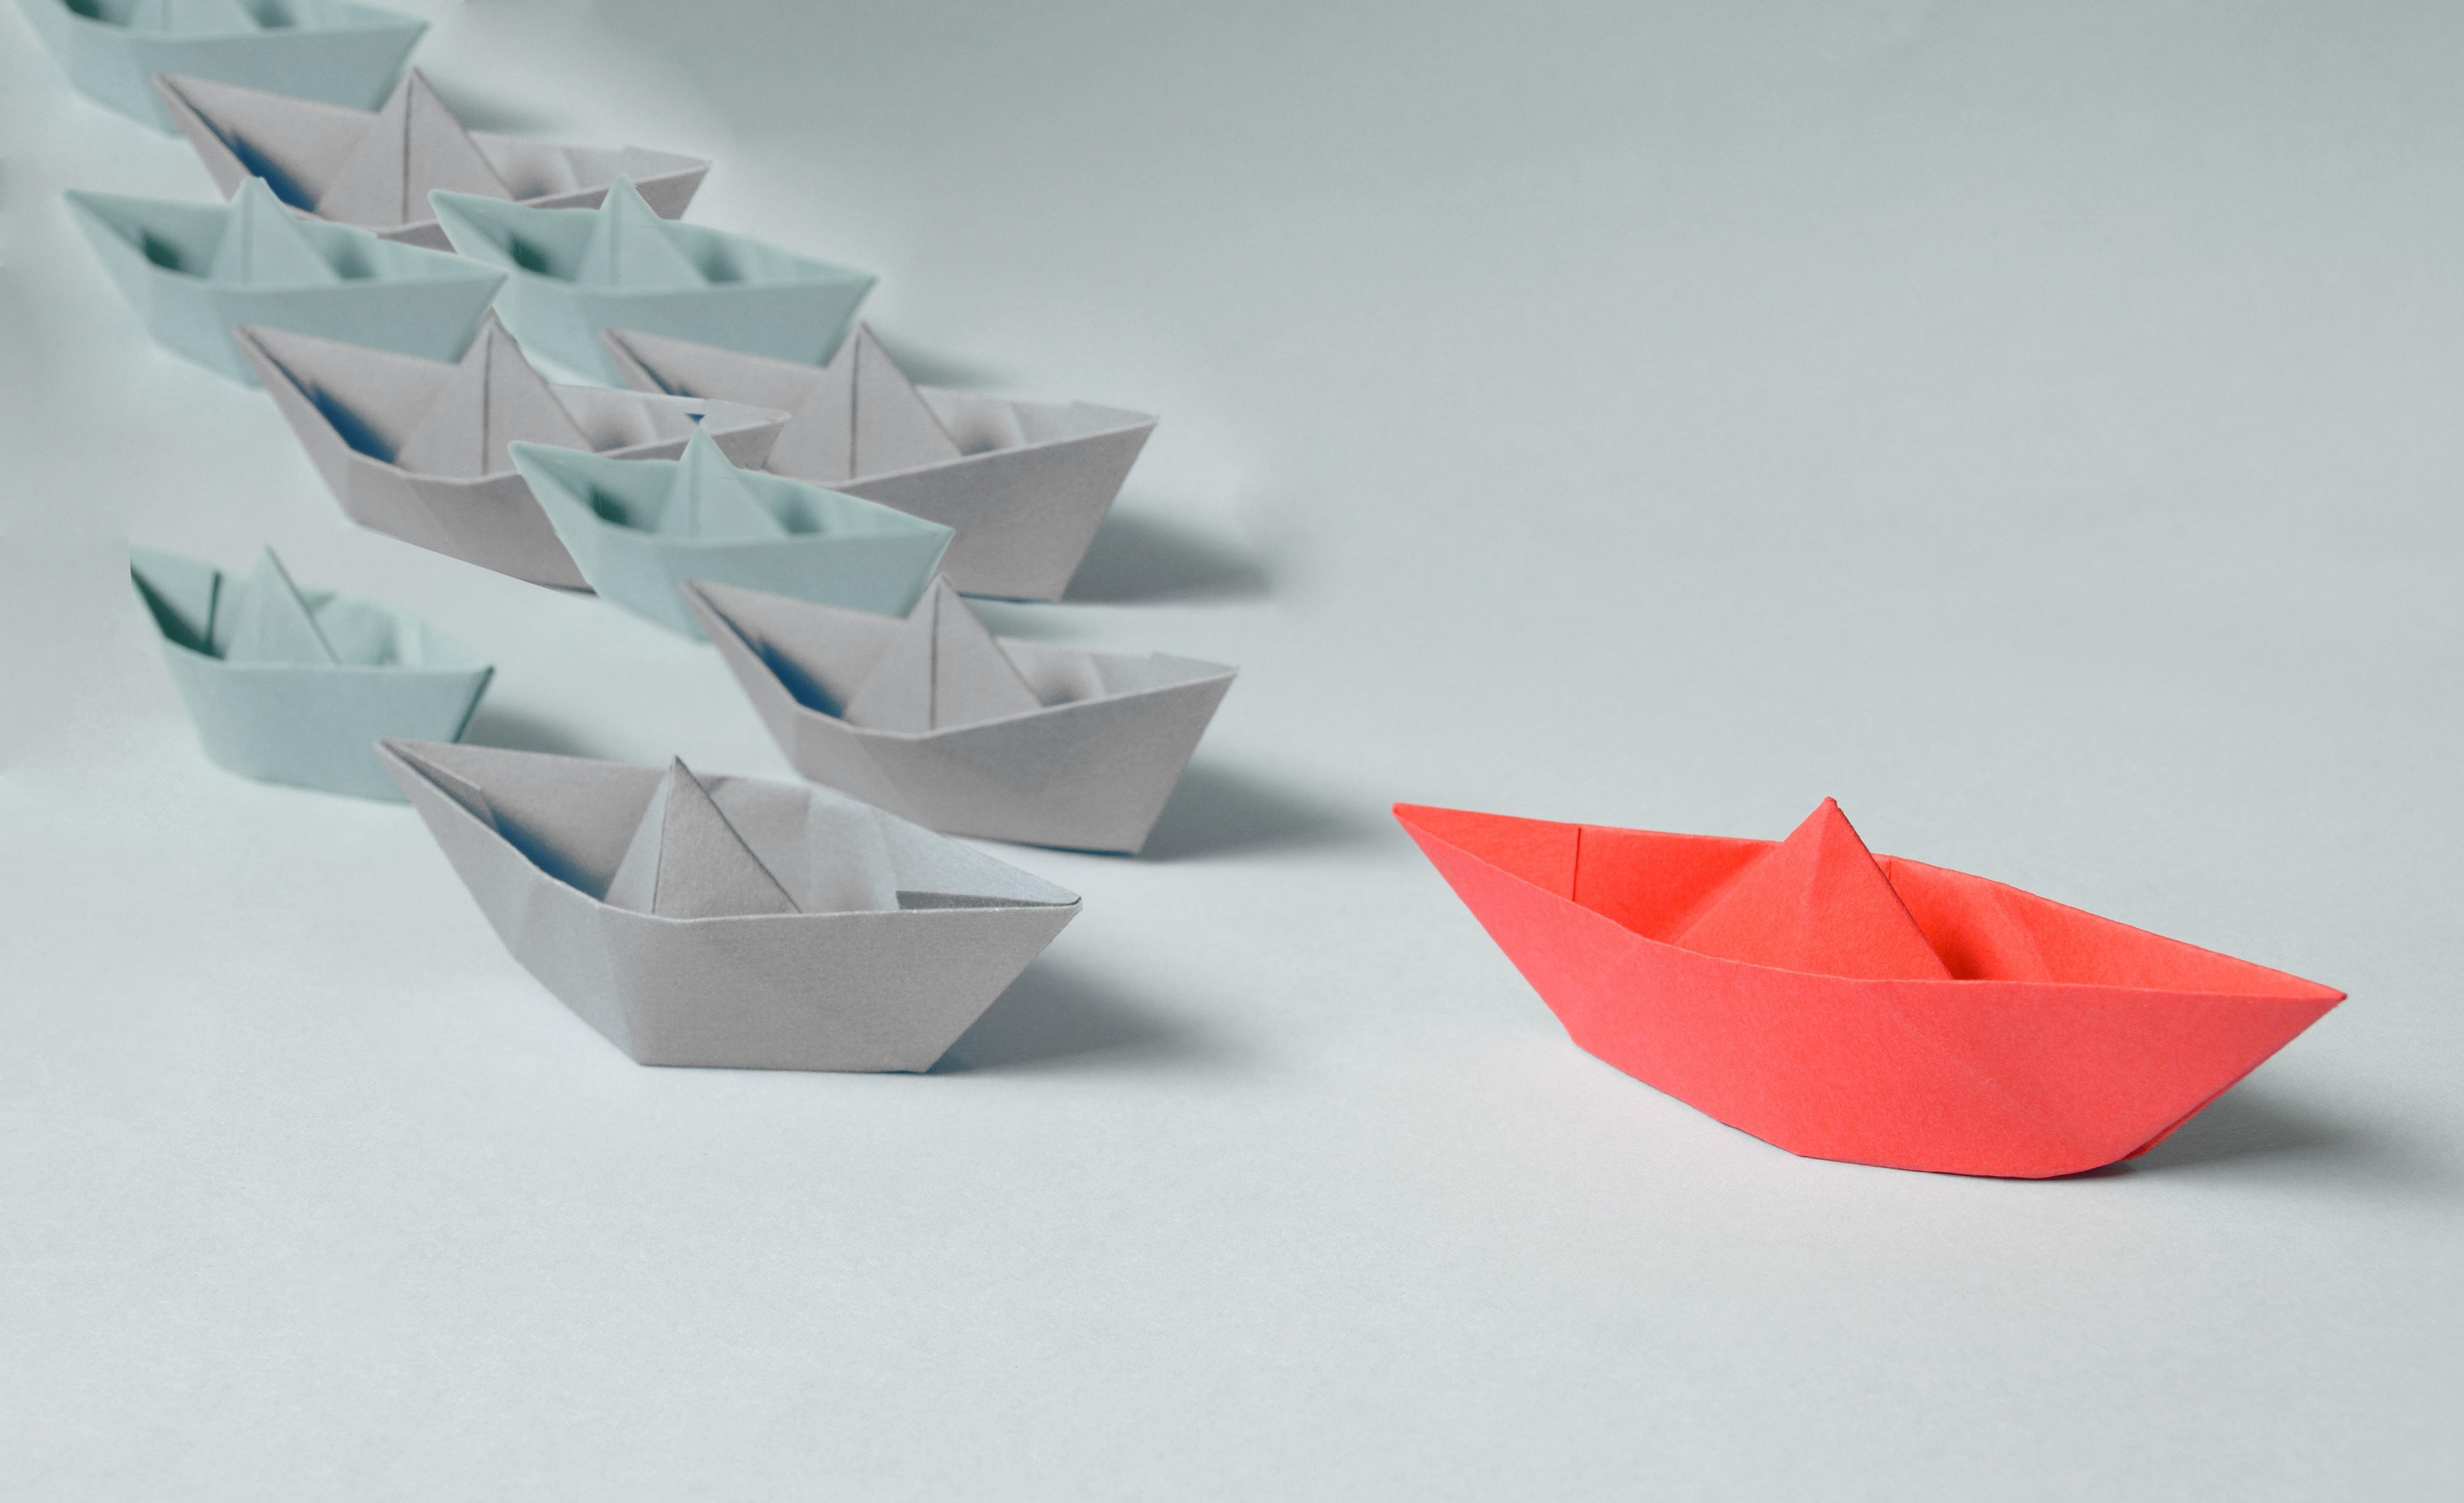 Quattro problemi di Influencer Marketing da considerare